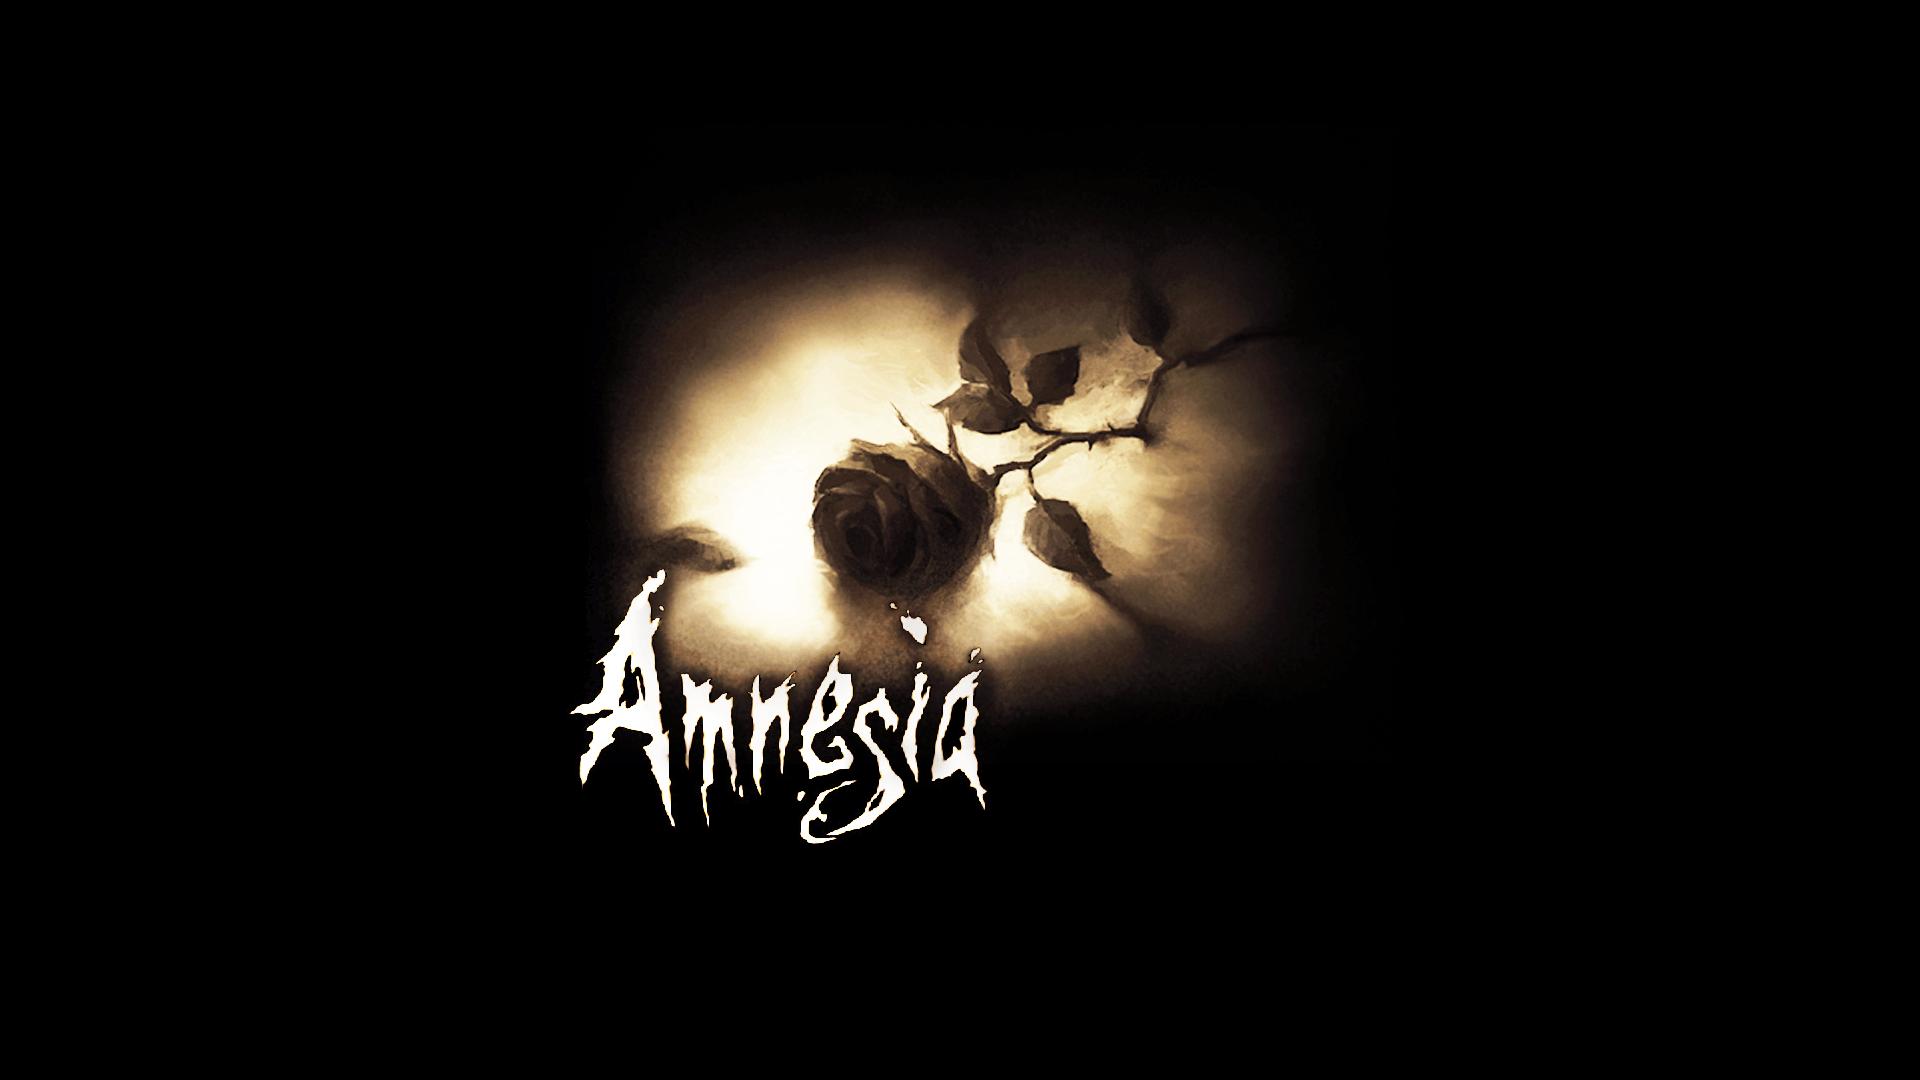 """Tệ hơn là những thứ thù địch """"chưa được ghi nhớ""""? Câu trả lời có trong  Amnesia: The Dark Descent, một trong những game kinh dị xuất sắc nhất mọi  thời đại."""